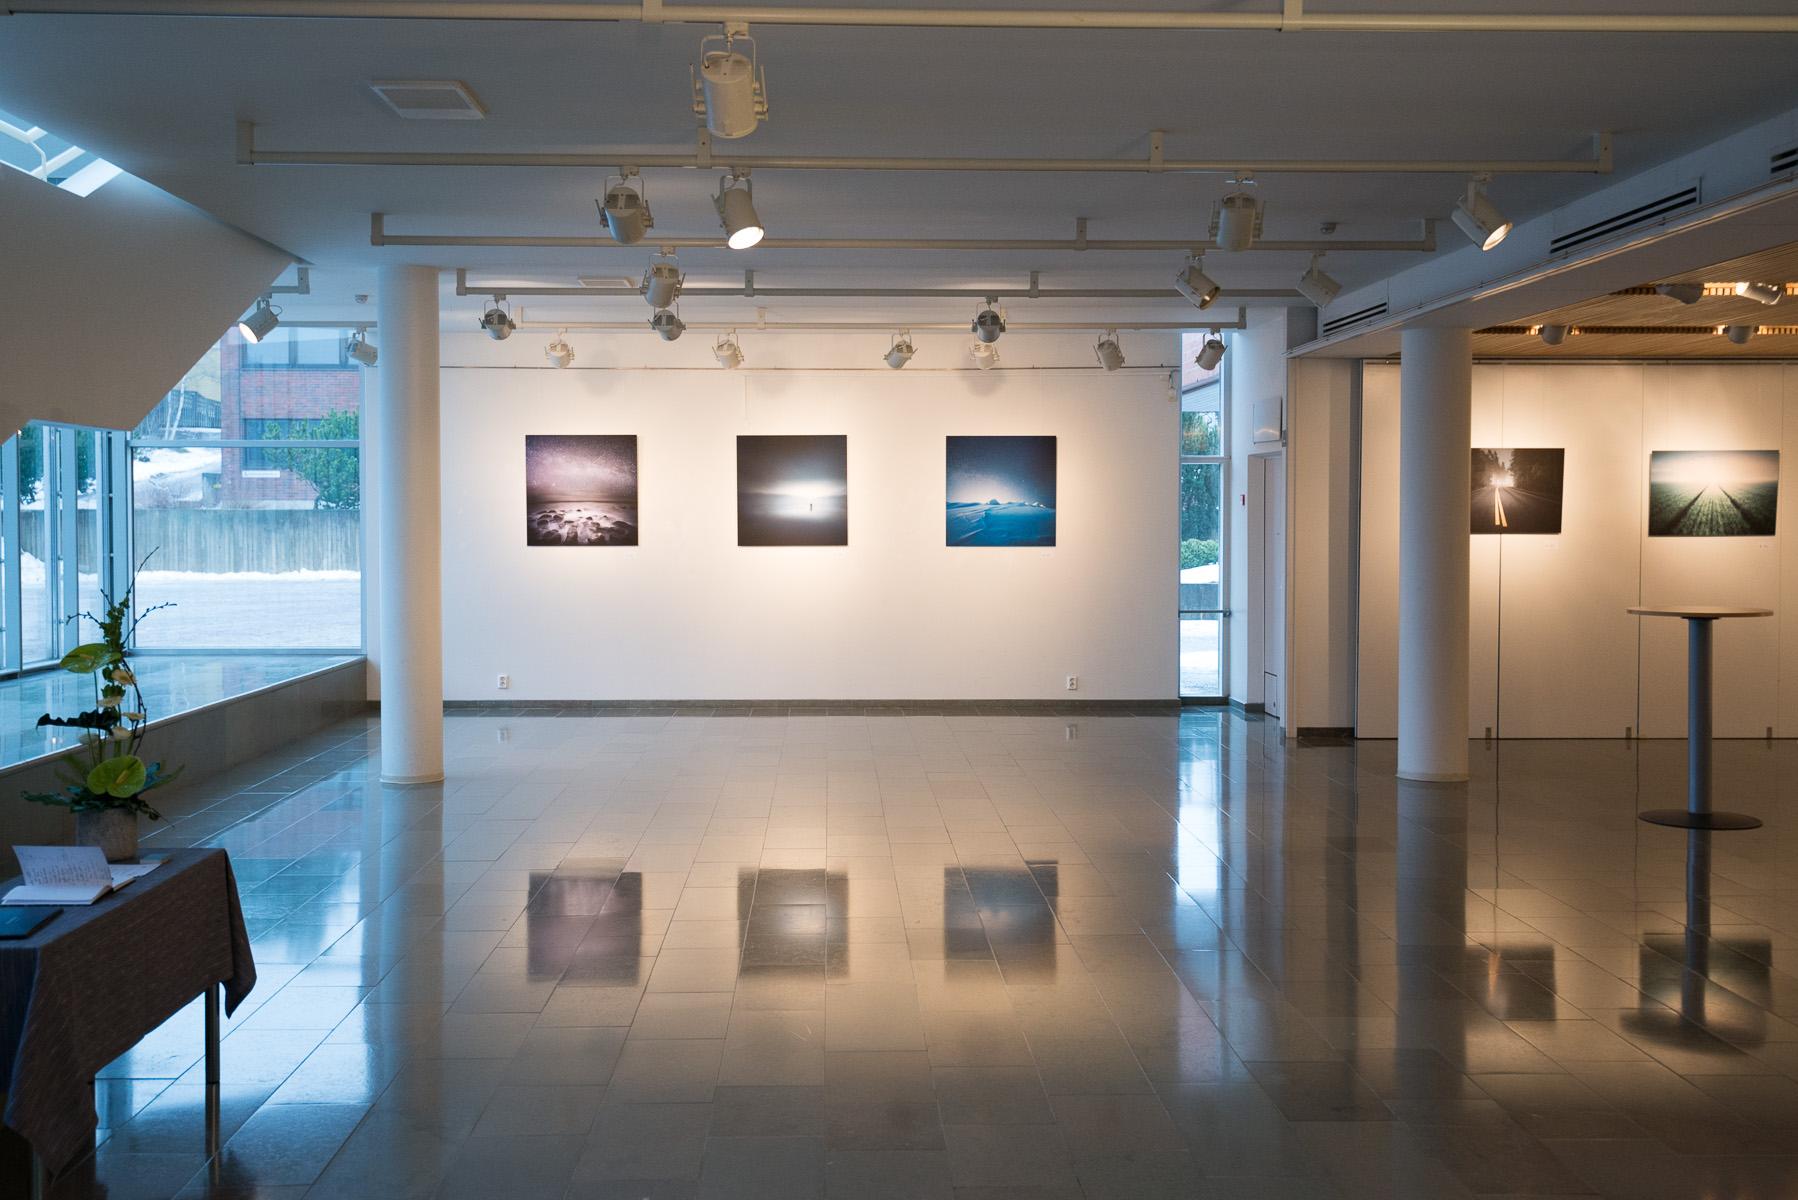 Mikko-Lagerstedt-Galleria-Prints-Photography.jpg